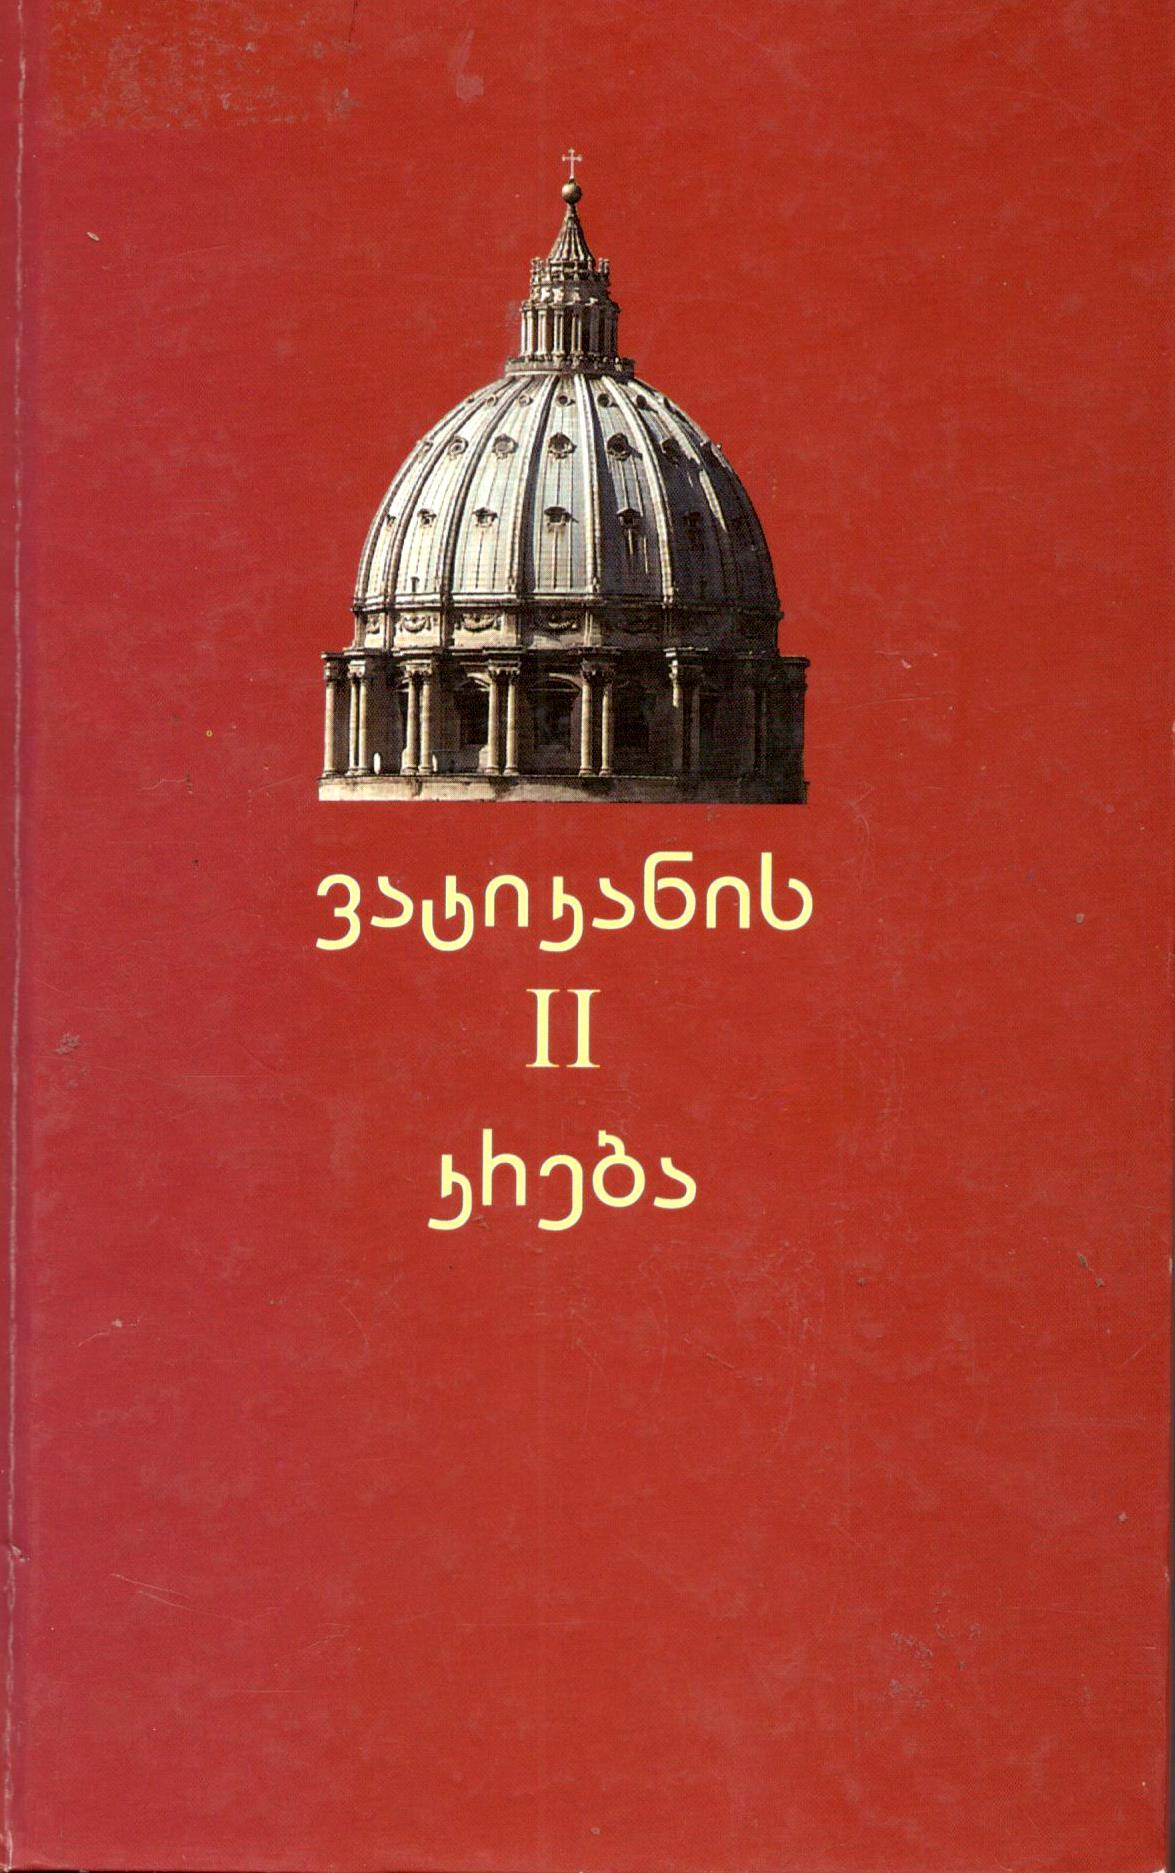 ვატიკანის II კრება. კონსტიტუციები დეკრეტები დეკლარაციები.